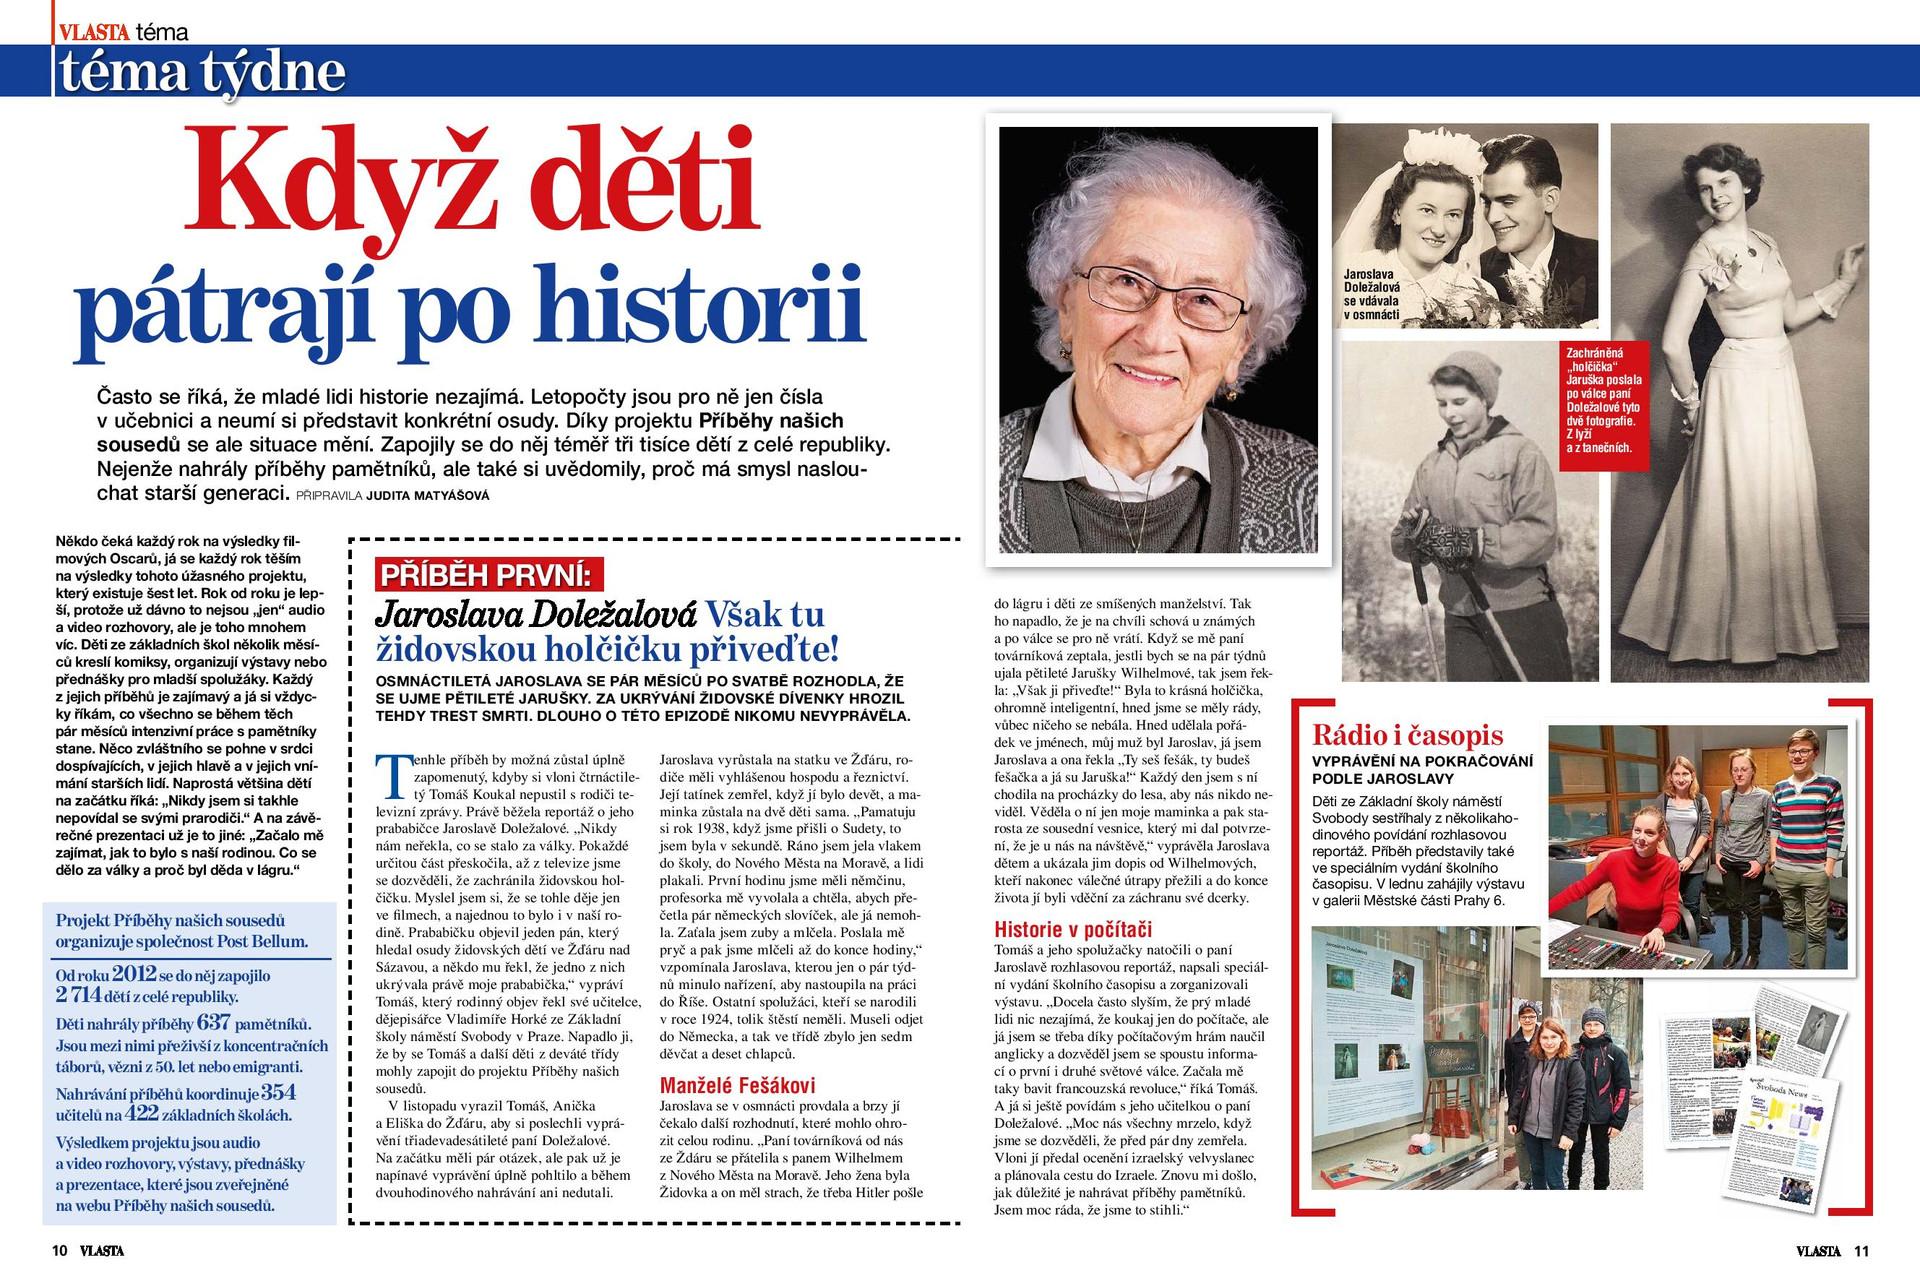 Story of Jarmila Dolezalova